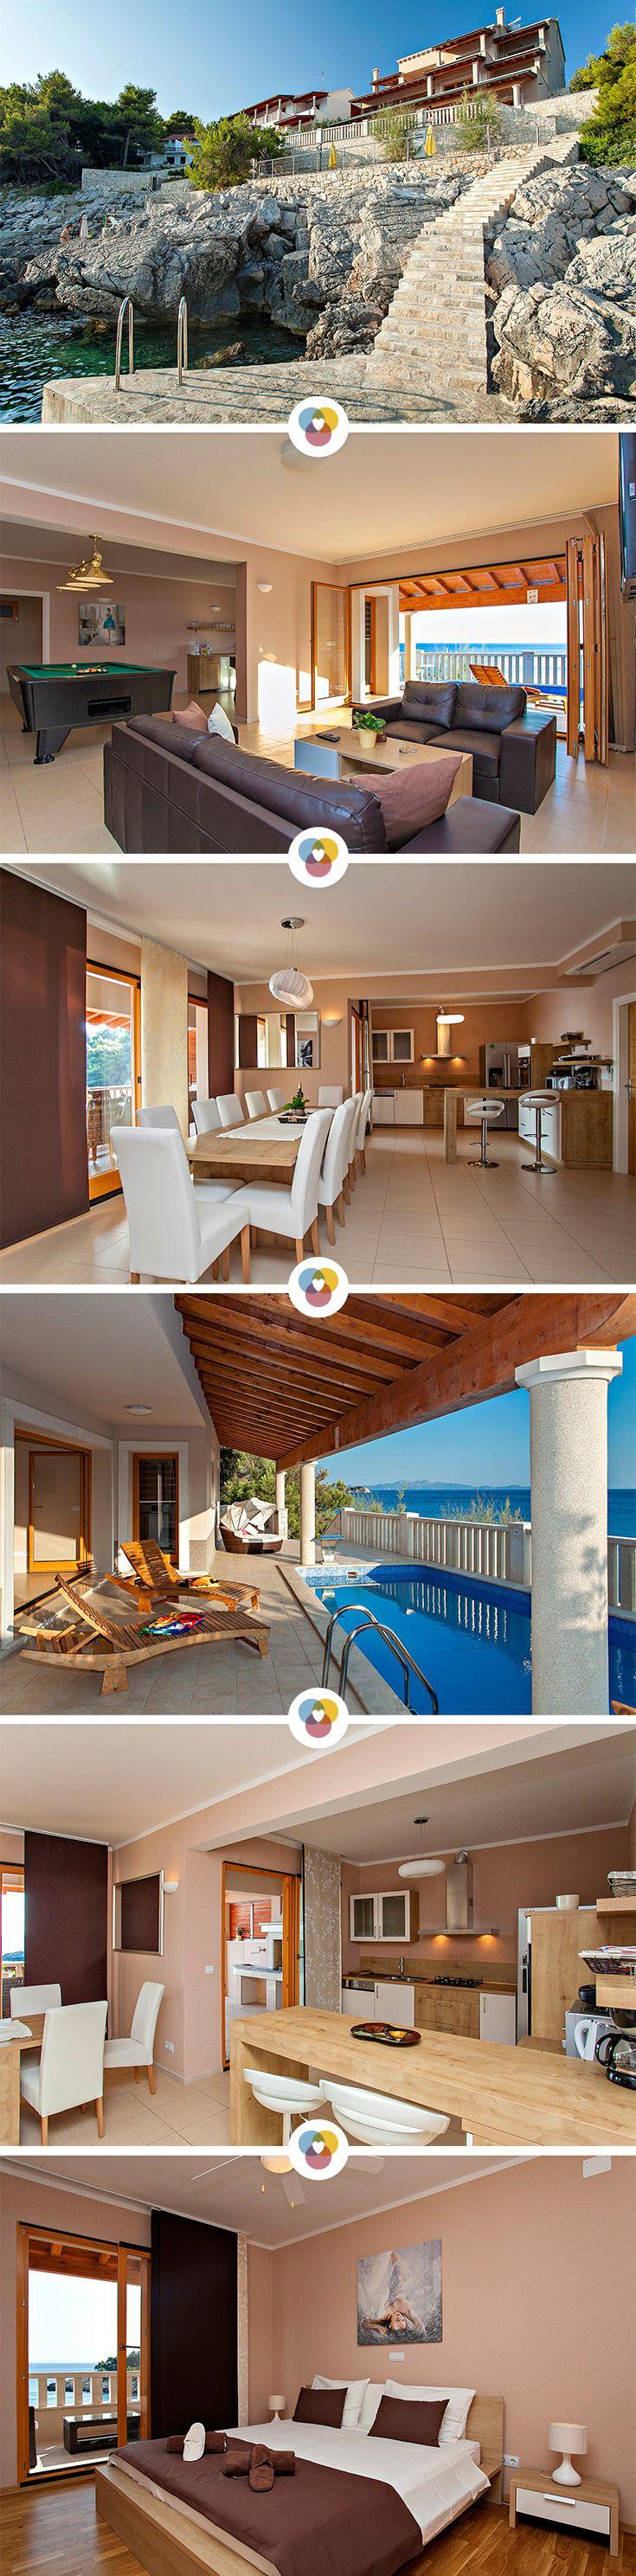 Urlaub in einer Villa muss kein Traum bleiben, denn wer mit einer Großfamilie oder den lieben Freunden verreist, kann sich auch Luxus leisten. Die Villa Vanda ist ein besonderes Ferienhaus in der kroatischen Ferienregion Korčula und hat Platz für 12 sonnenhungrige Urlauber.